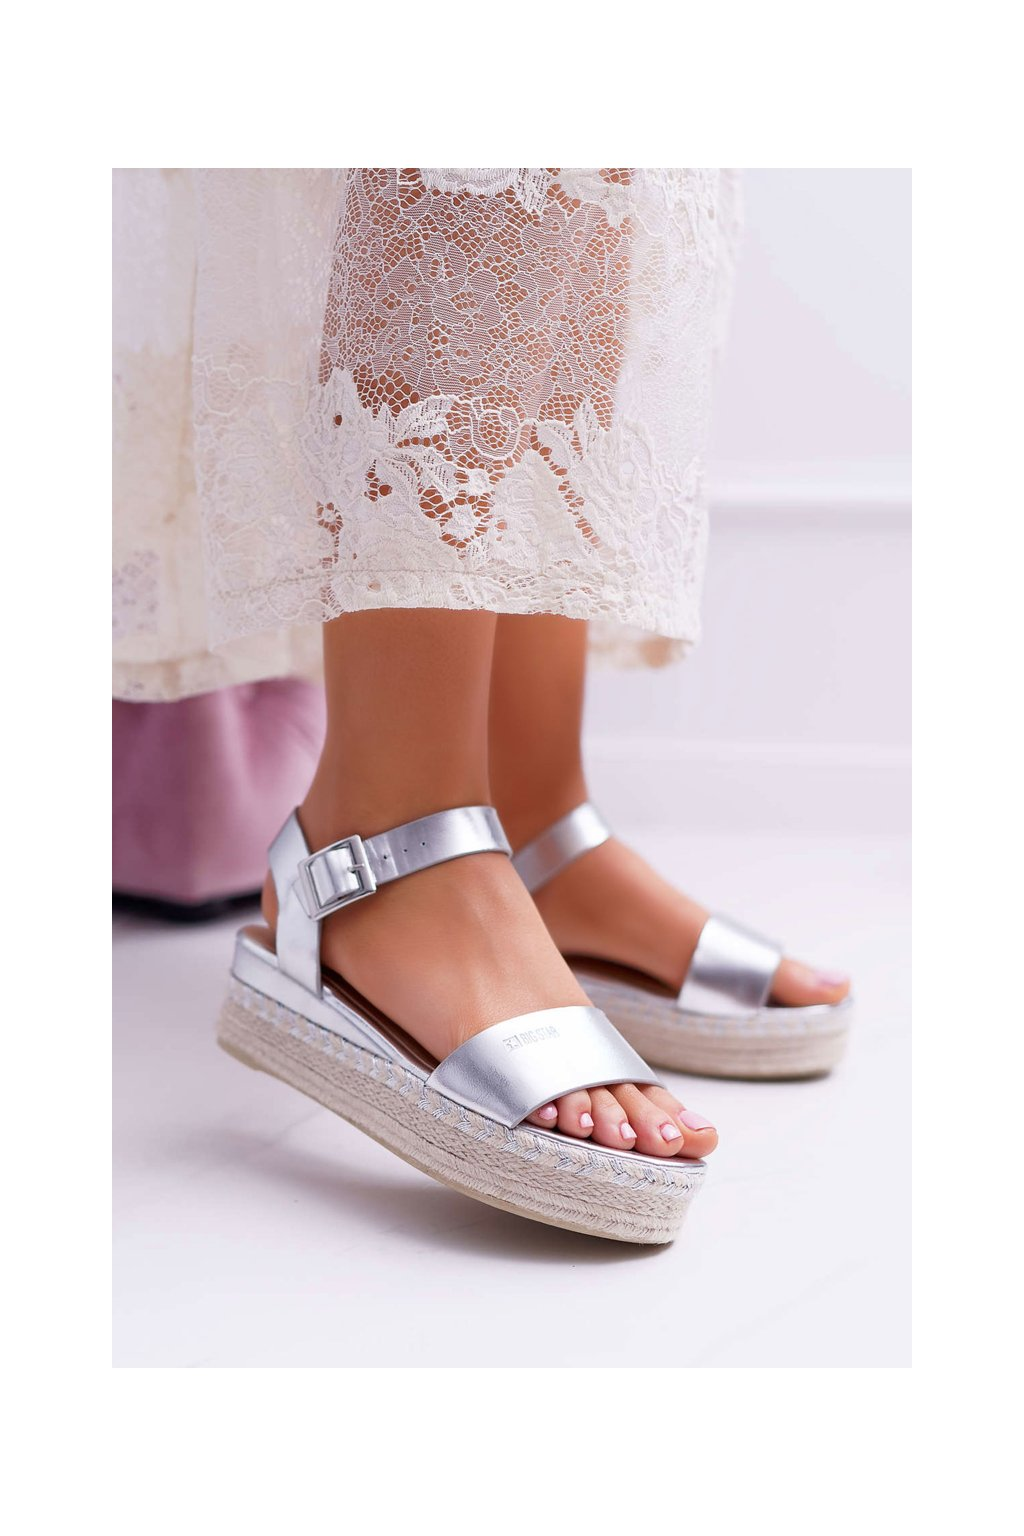 Dámske Sandále B. Star na klíne strieborné DD274740